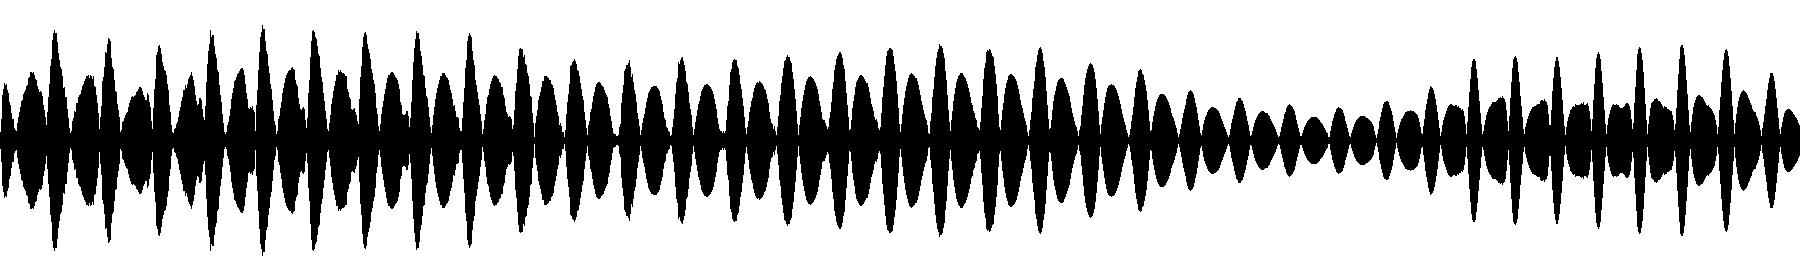 gia sound 06 f2